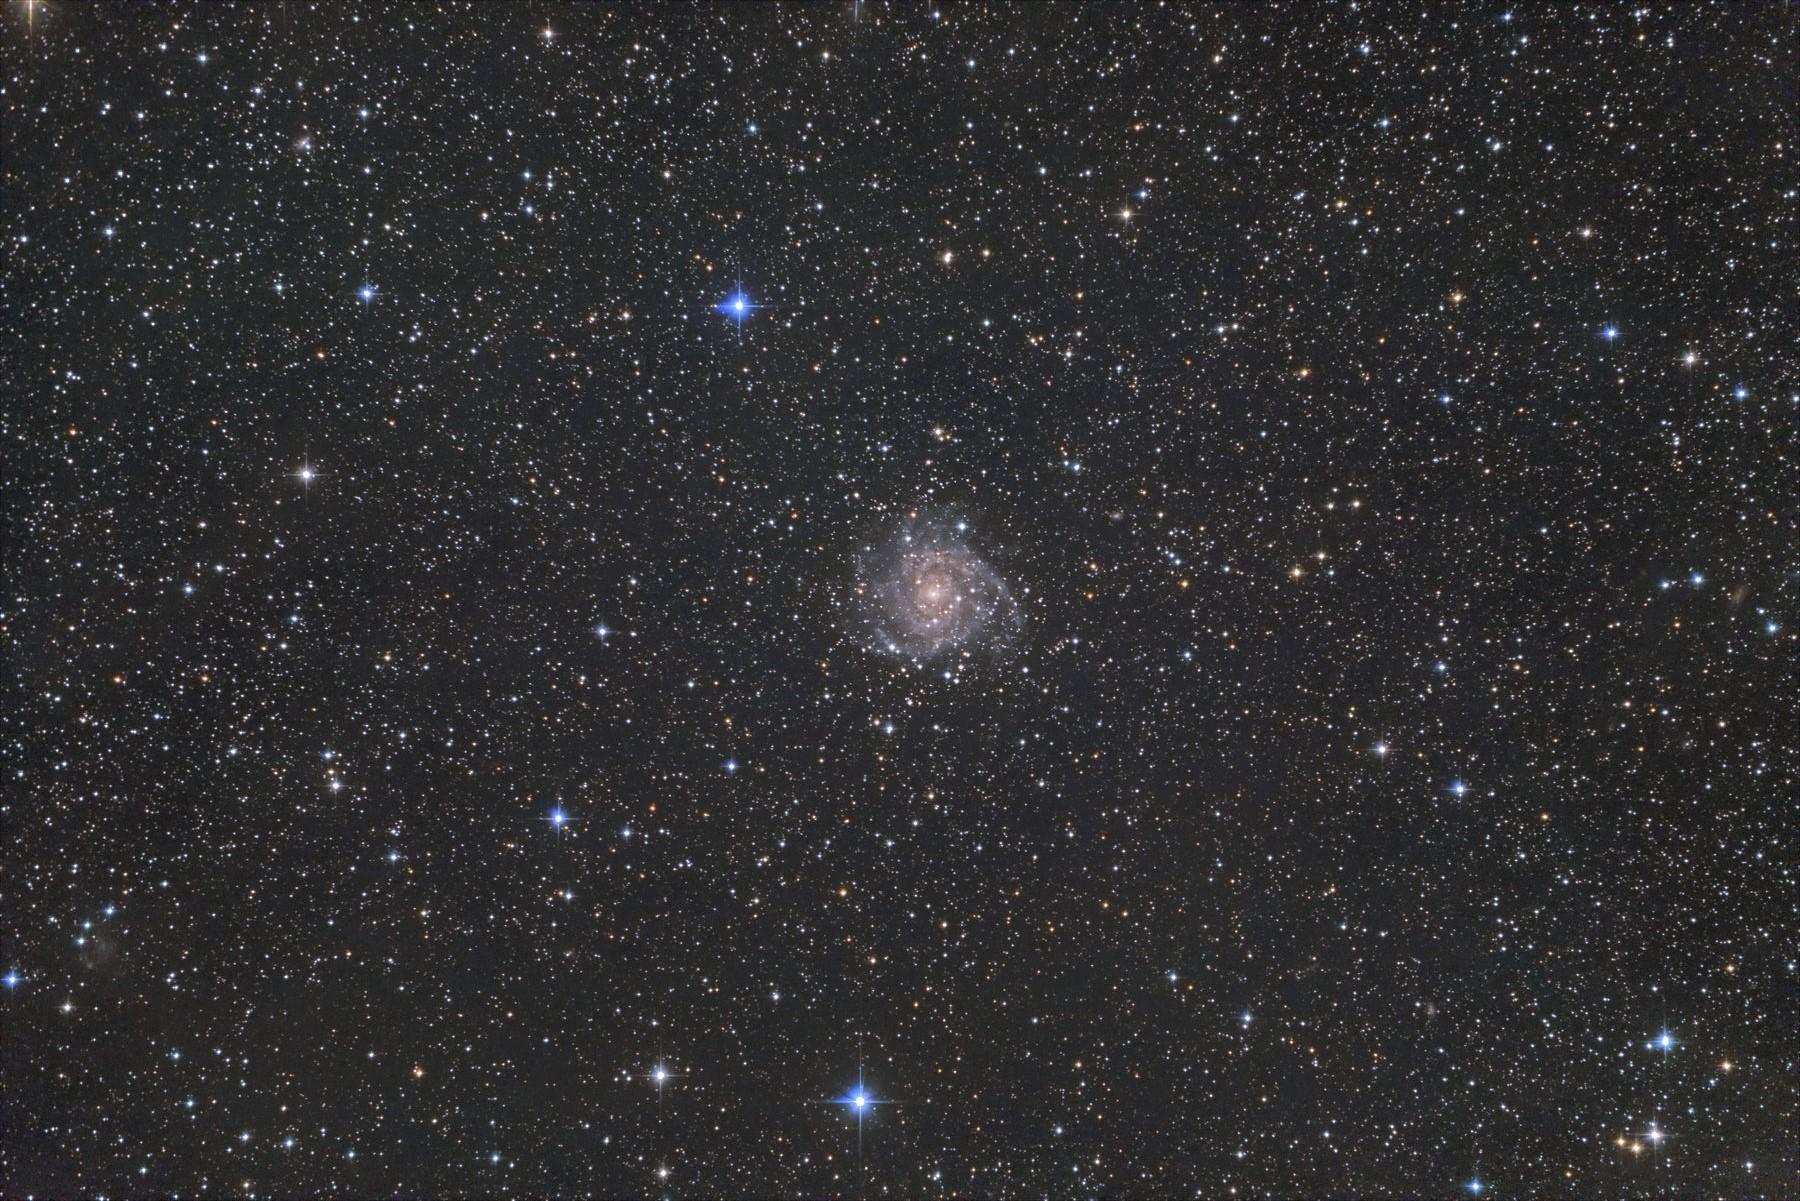 【銀河】マフィアじゃないよ、マフェイ銀河群 IC342 ∑(゚Д゚; )!?